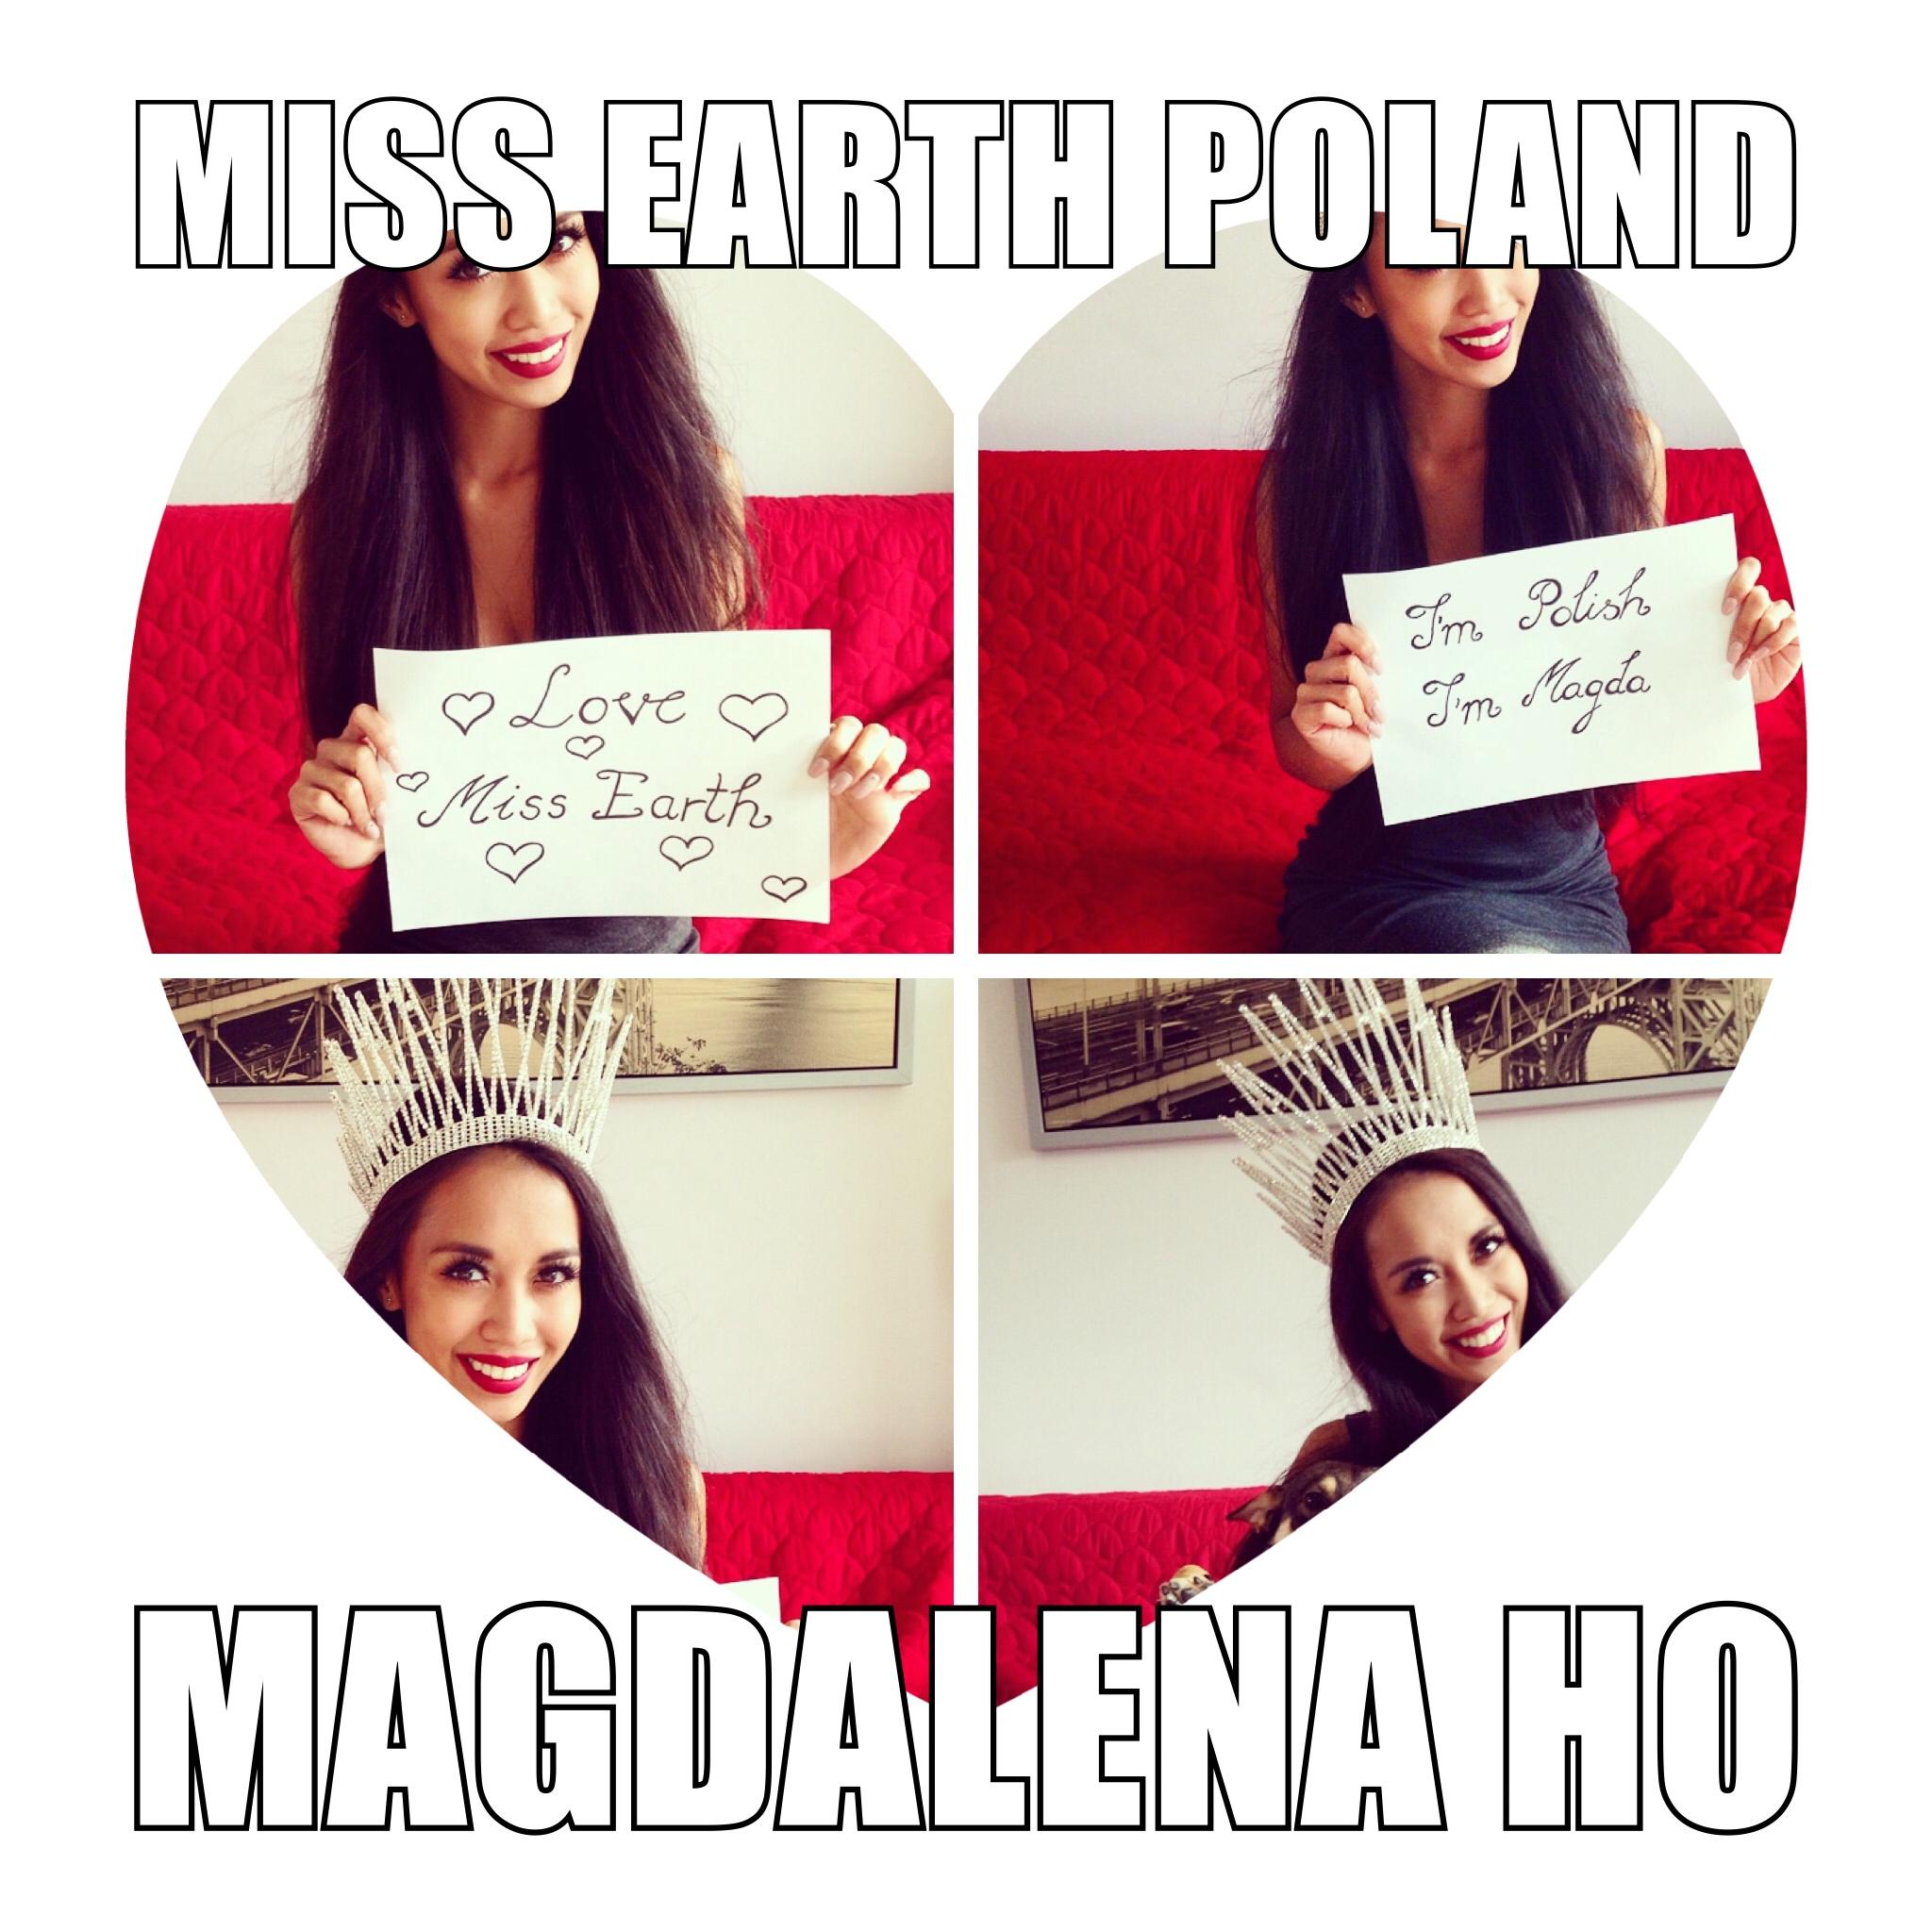 magda ho love